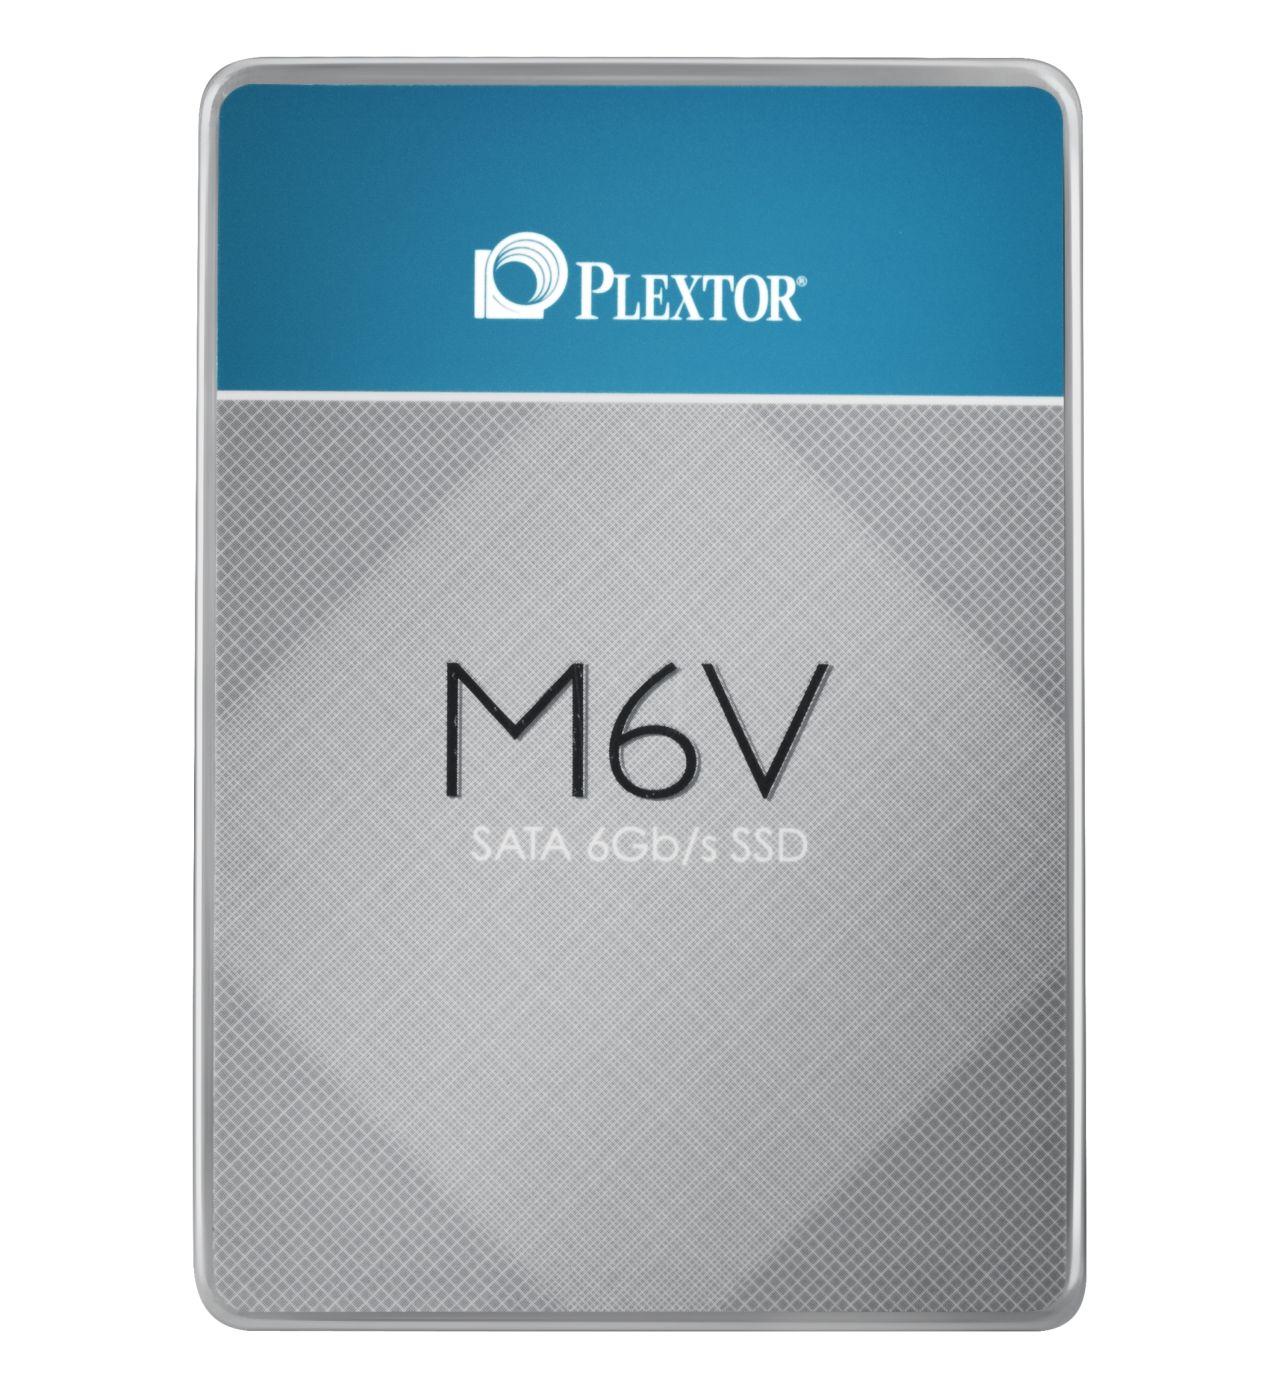 003_Plextor_M6V